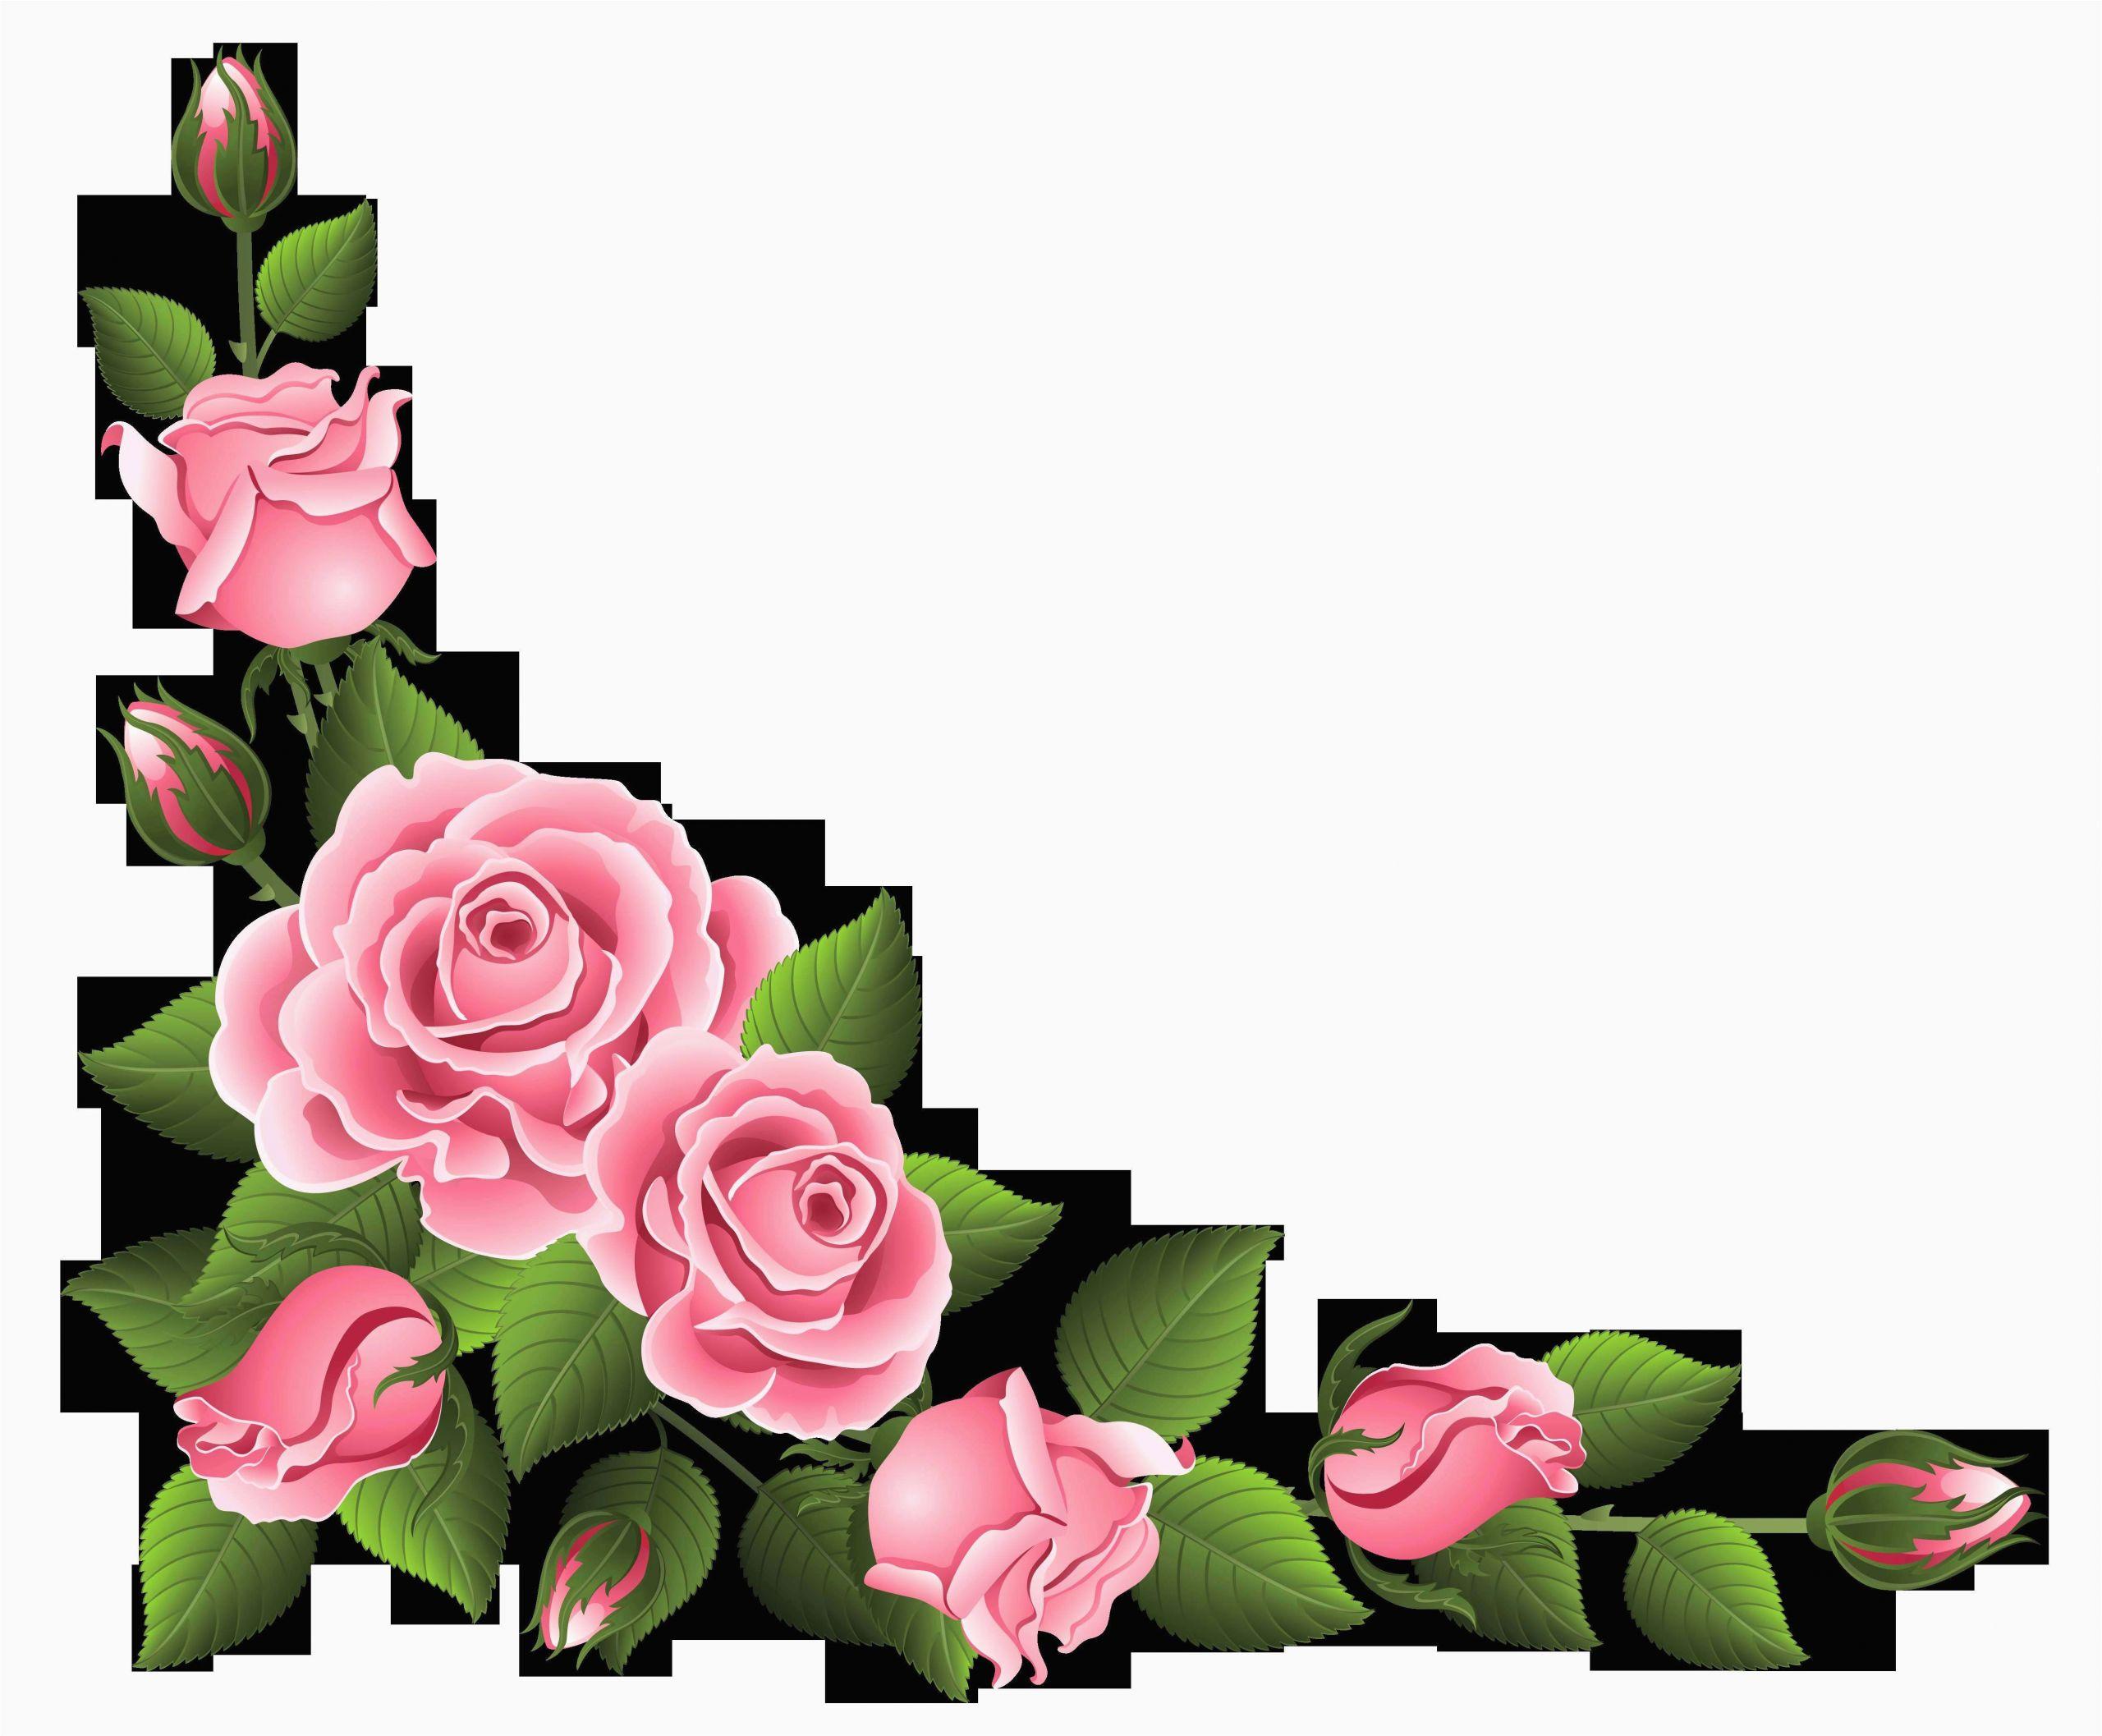 plastic flower vases of flower clipart review bodenvase deko neu flower vase table 04h vases intended for flower clipart latest bodenvase deko neu flower vase table 04h vases tablei 0d clipa